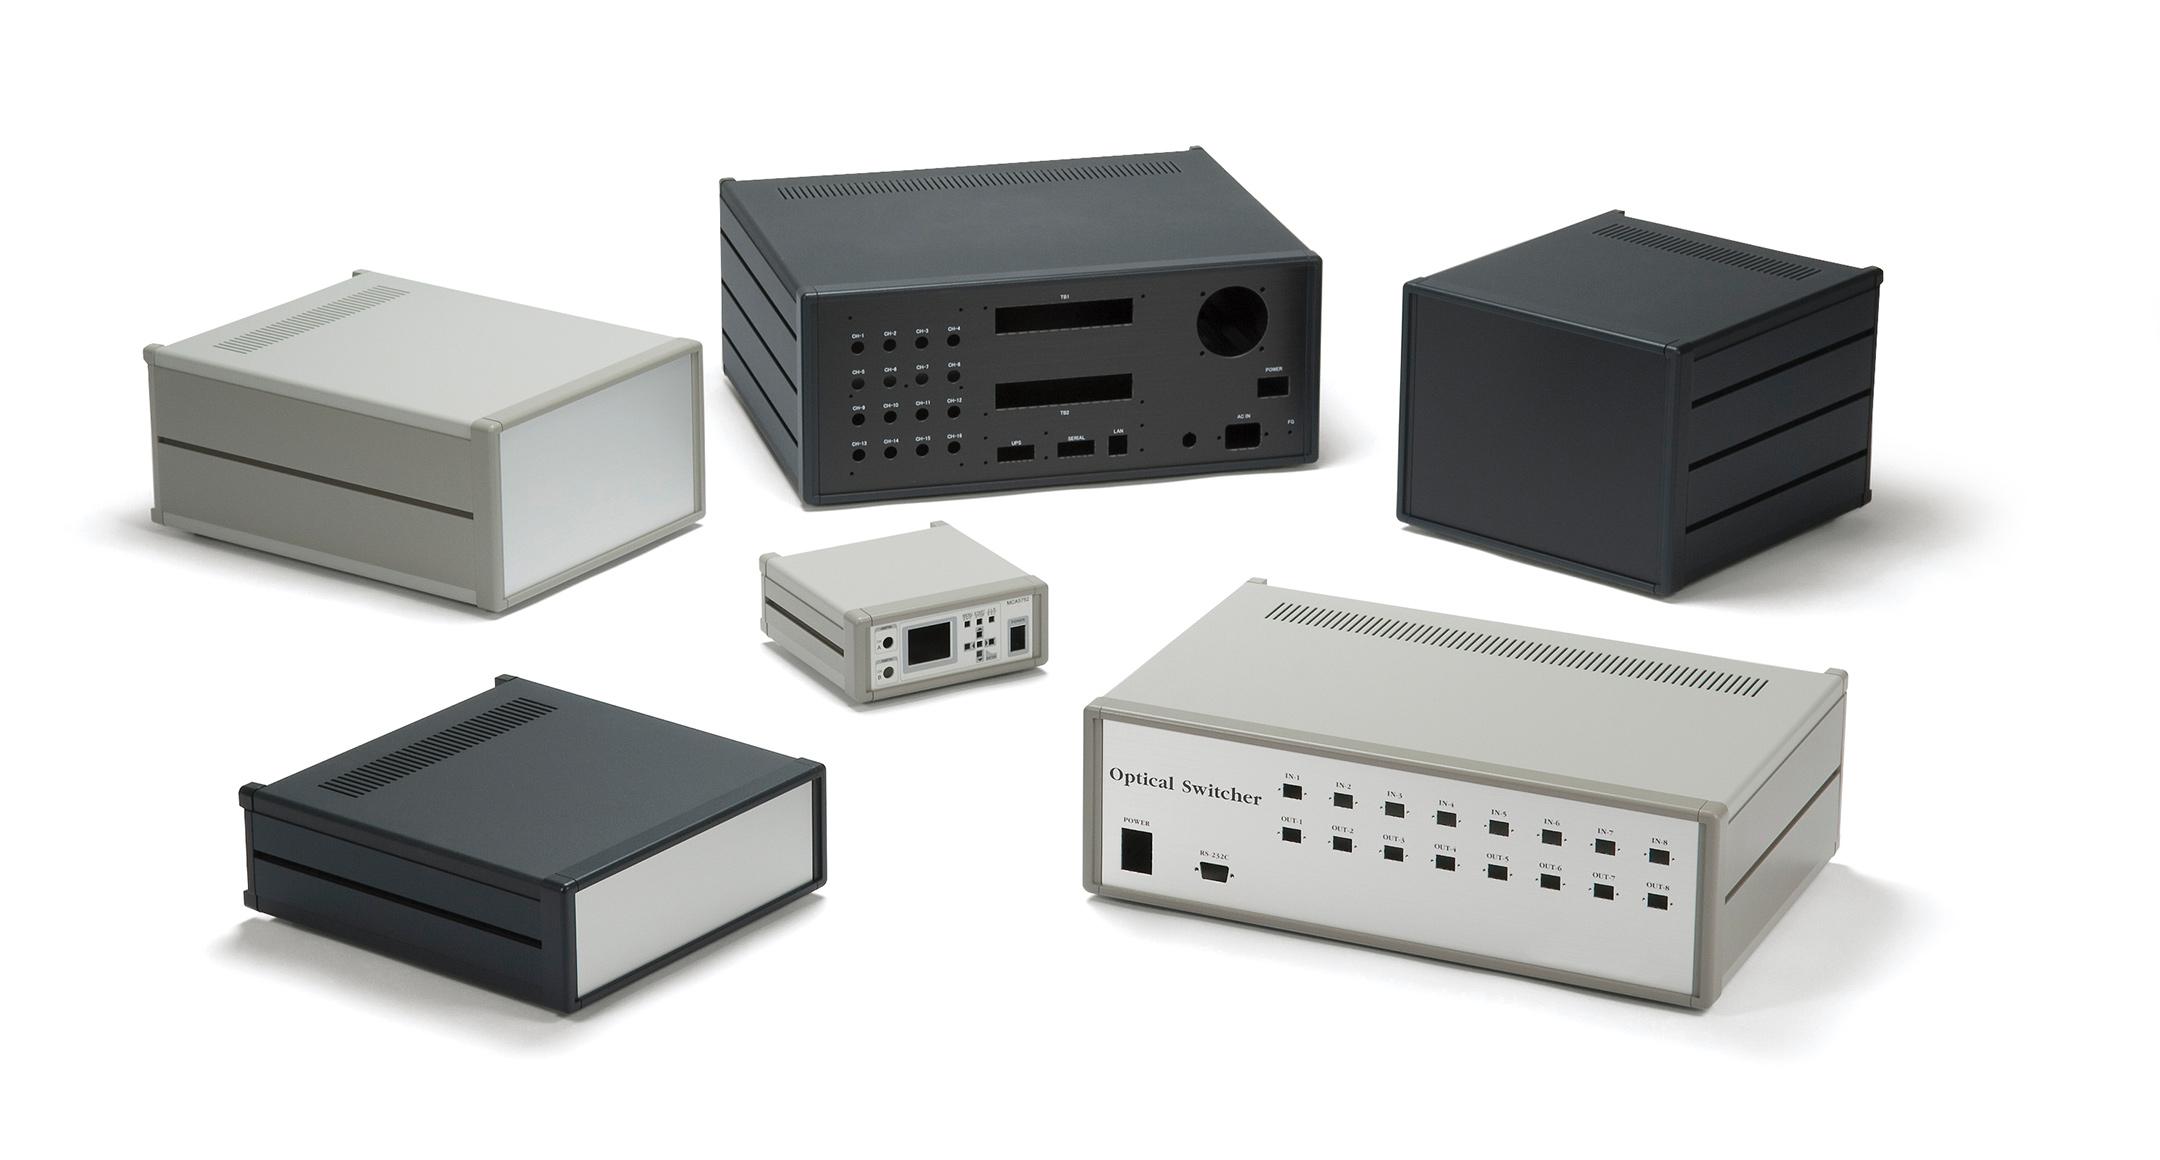 メタルシステムケース MSシリーズ(上下カバー鉄製)の画像